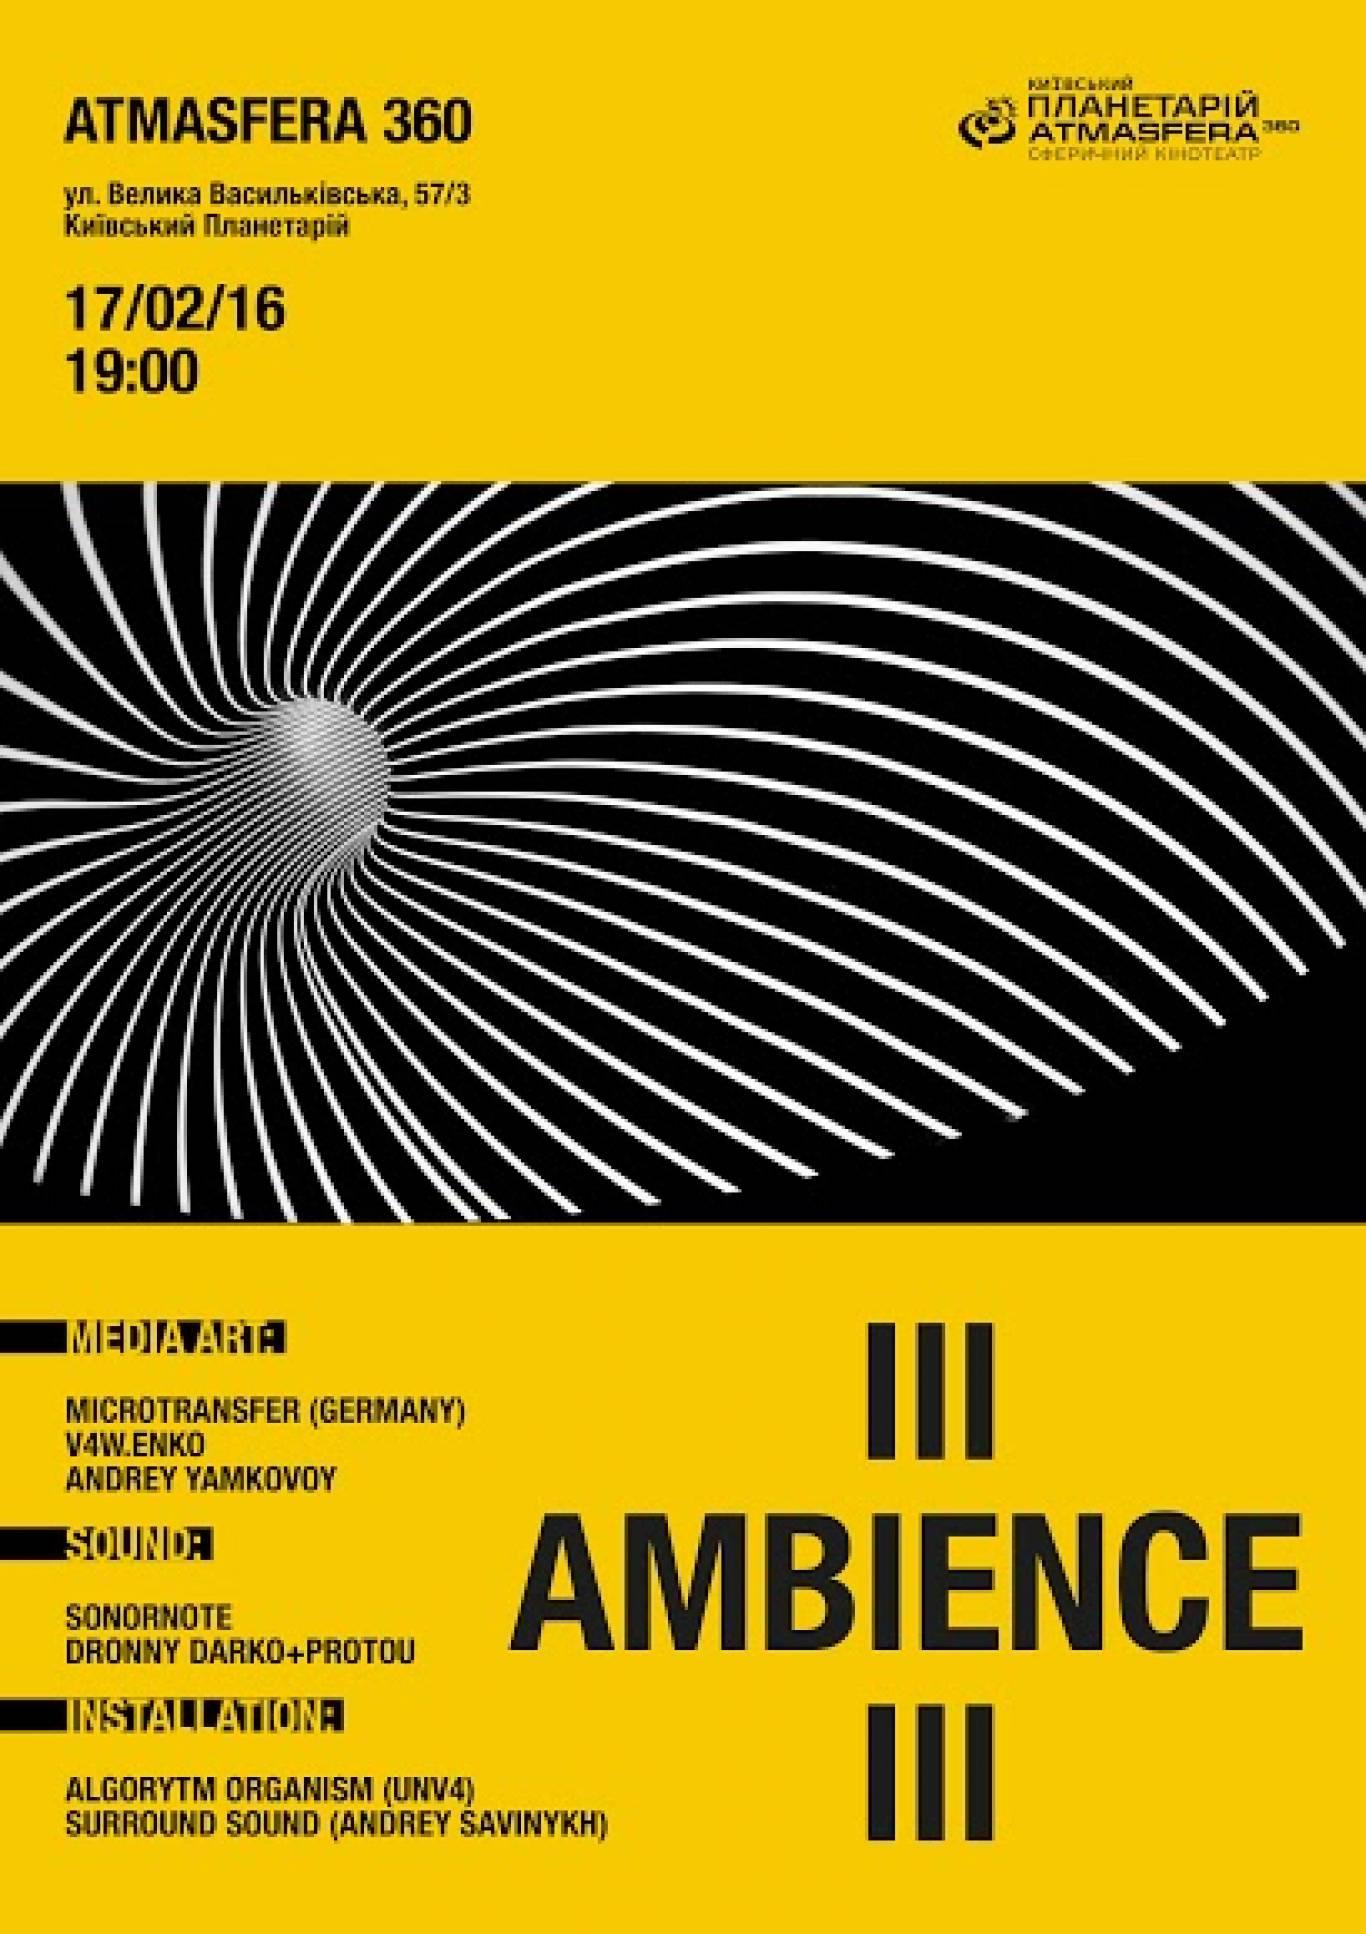 Шоу німецько-українського медіа-арту Ambience lll @ Atmosfera 360